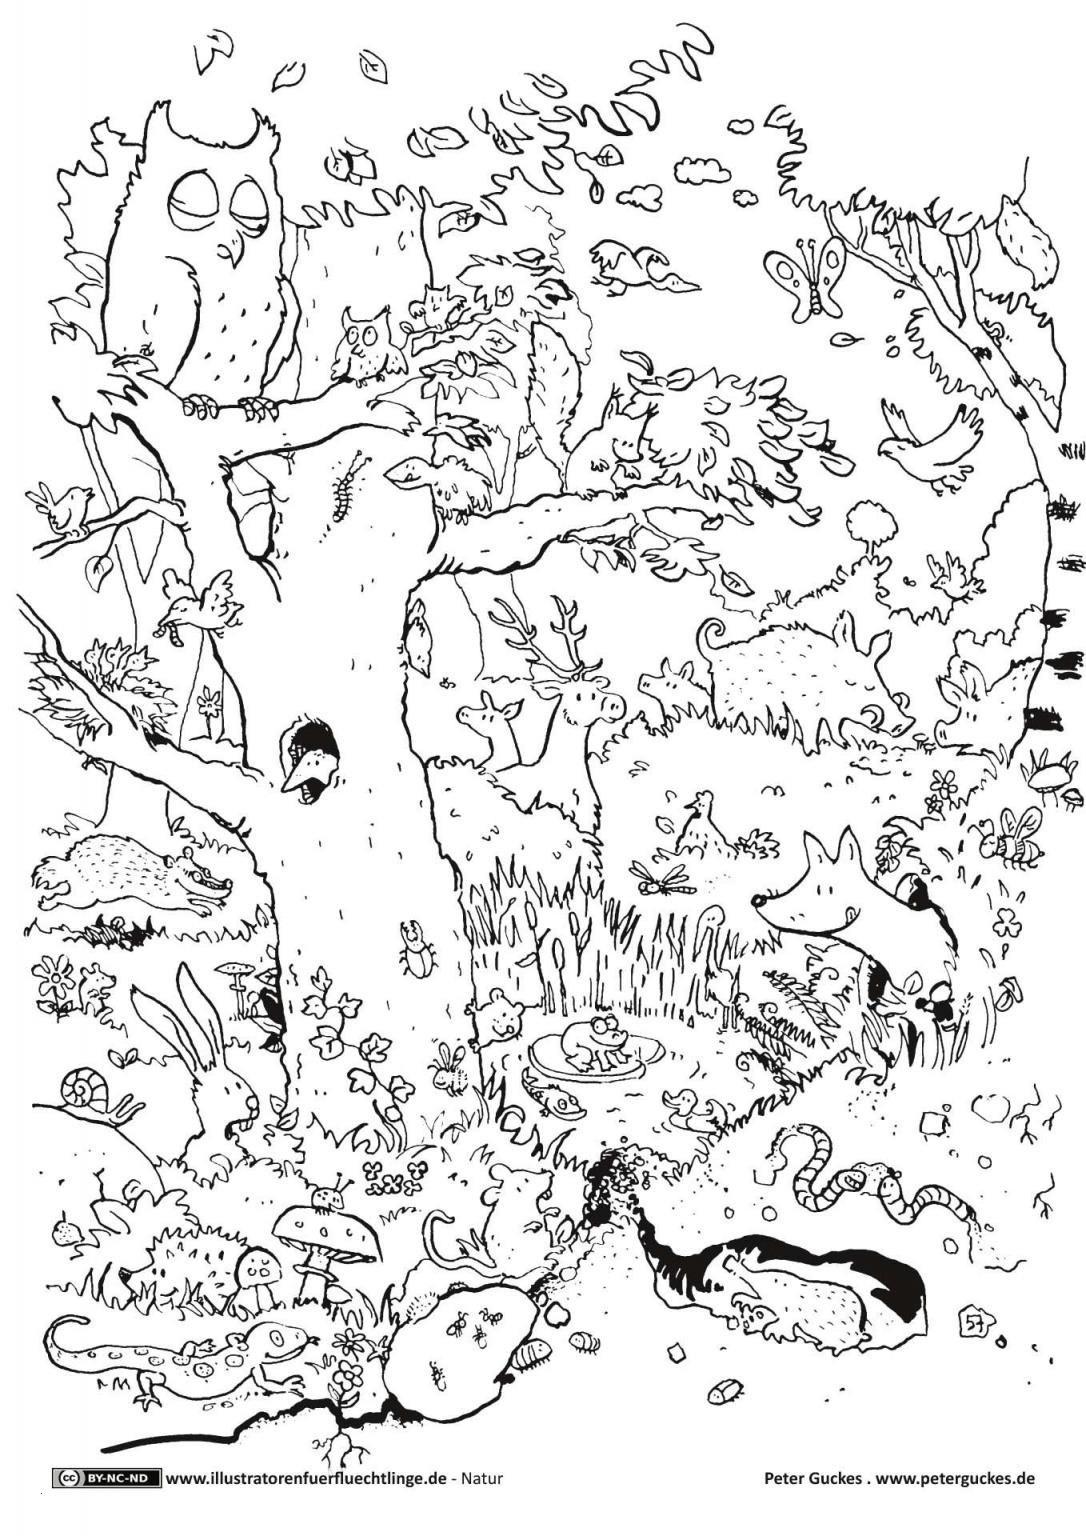 Malvorlagen Einhorn Neu 15 Elegant Schablonen Zum Ausdrucken Bild – Blelen Me Ipdd Bilder